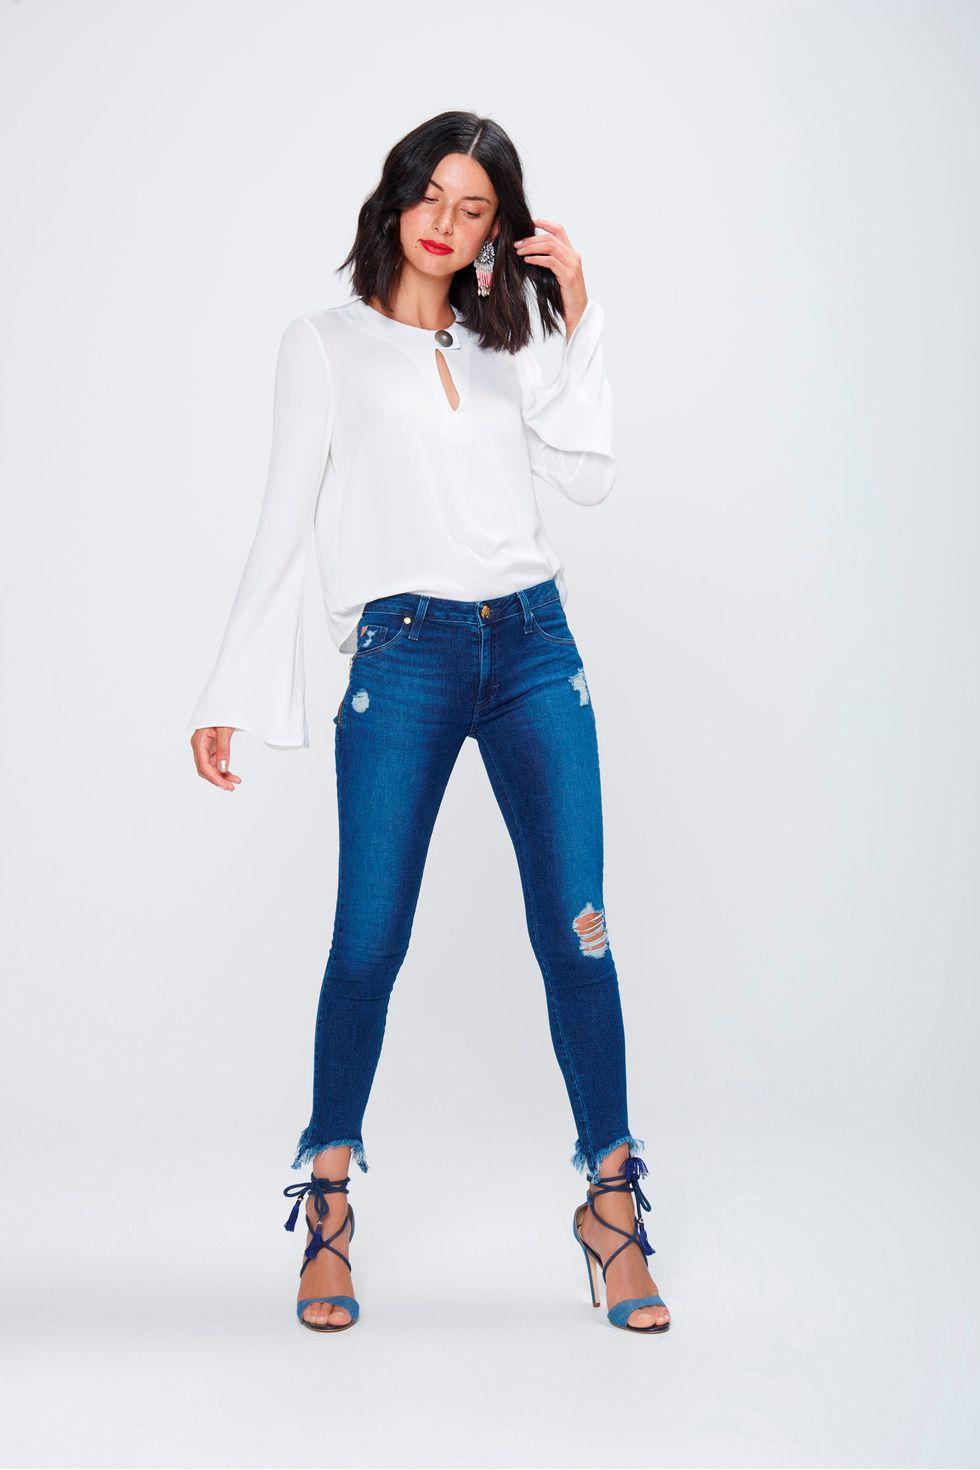 59b18aad8 Calça Jegging Jeans Cropped Destroyed - Damyller